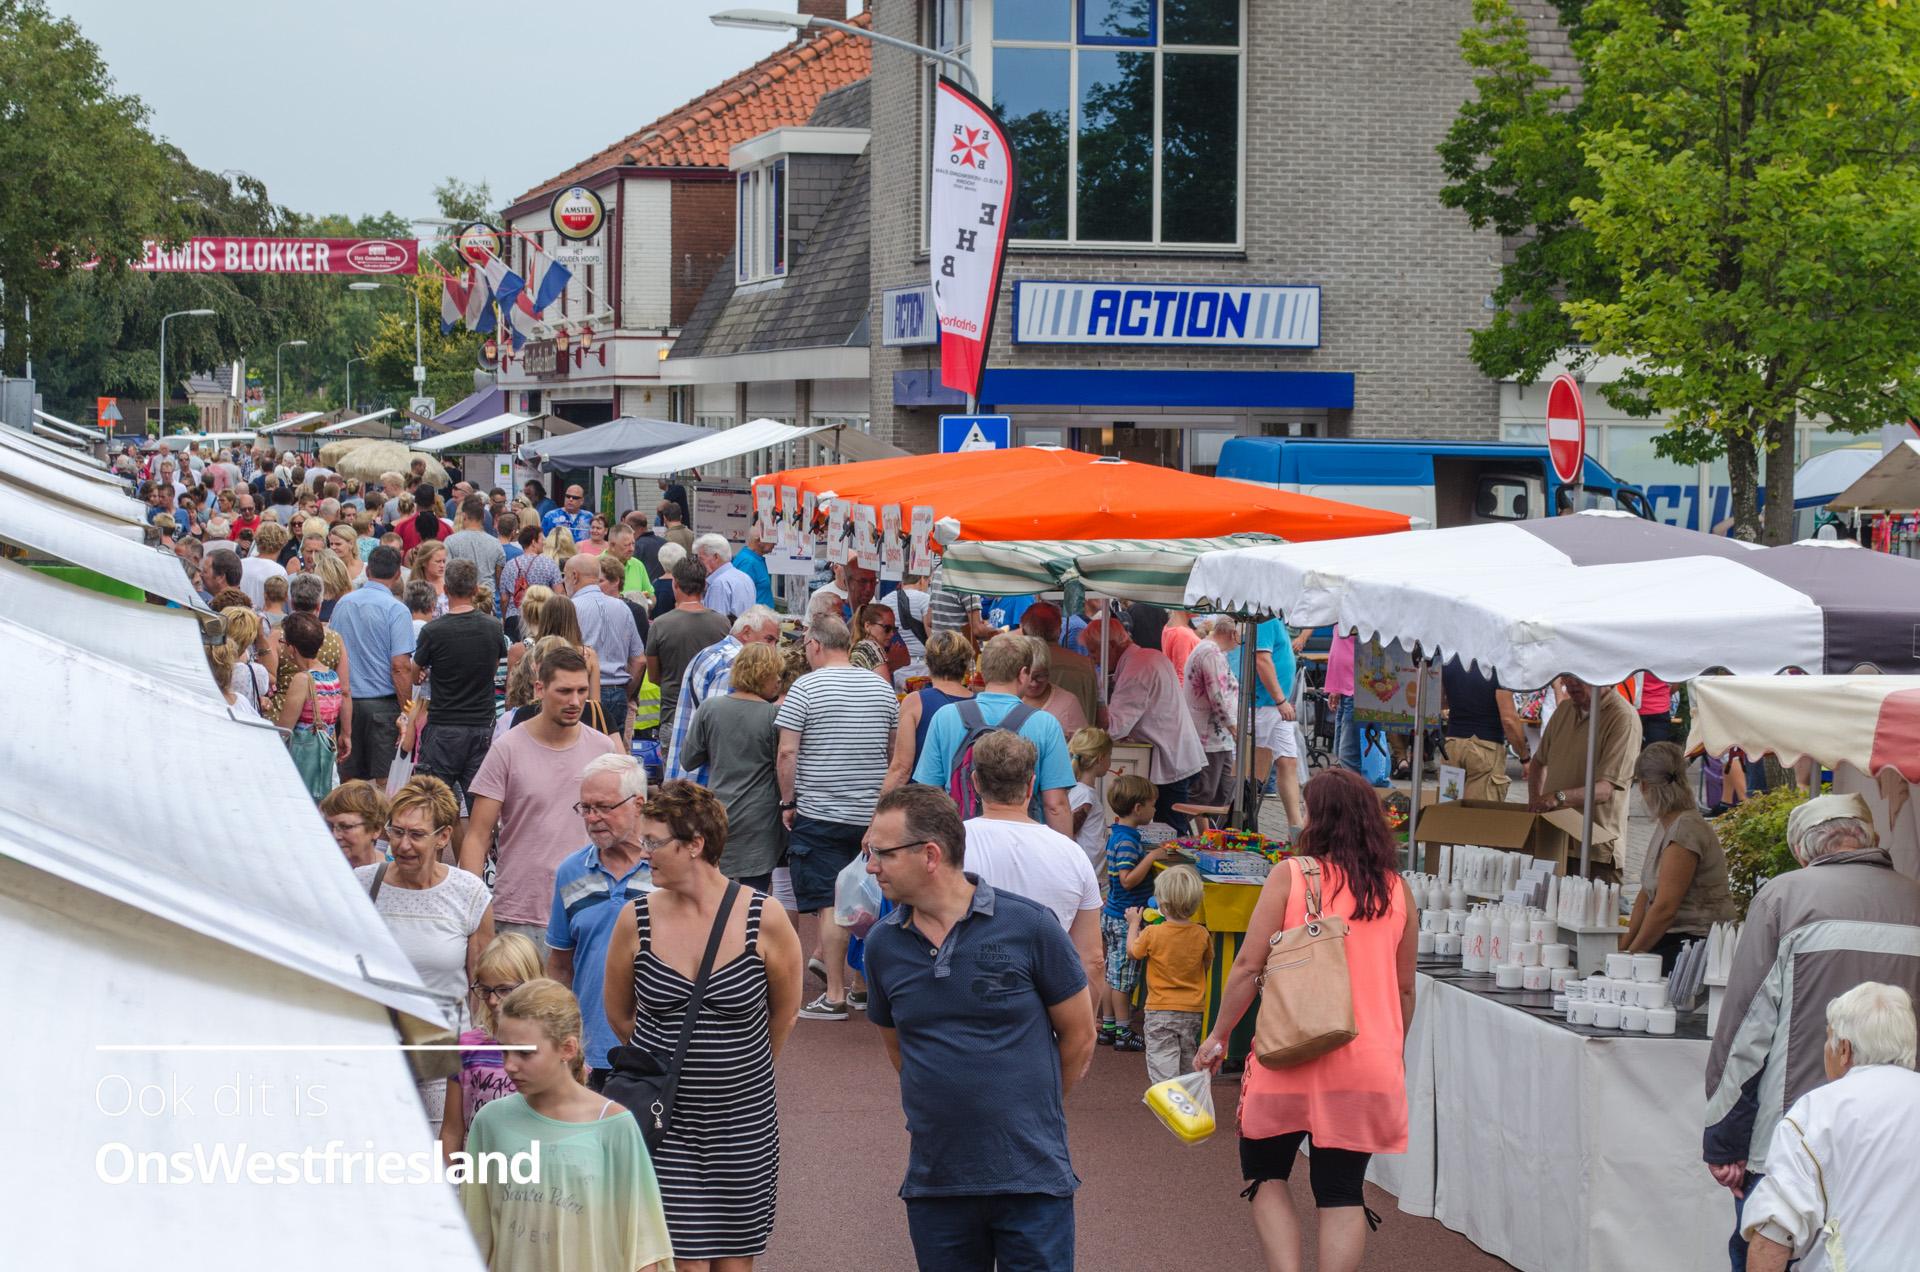 Ruime keuze met 200 marktkramen bij jaarmarkt Blokker [foto's]